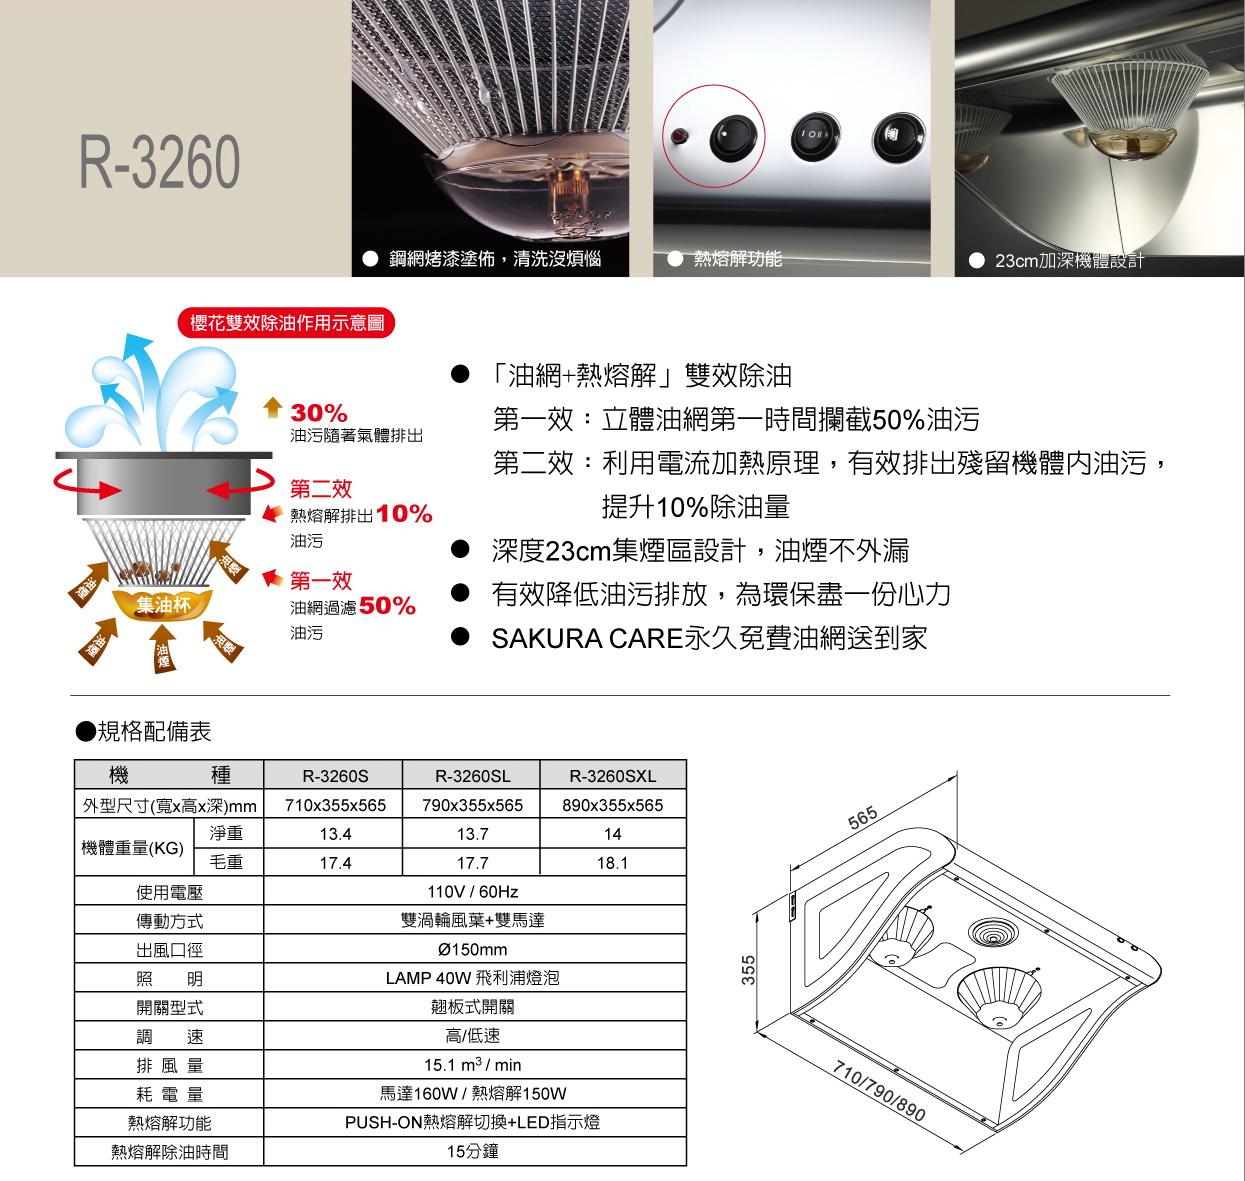 櫻花排油煙機R-3260斜背式除油煙機(雙效除油)-3.jpg